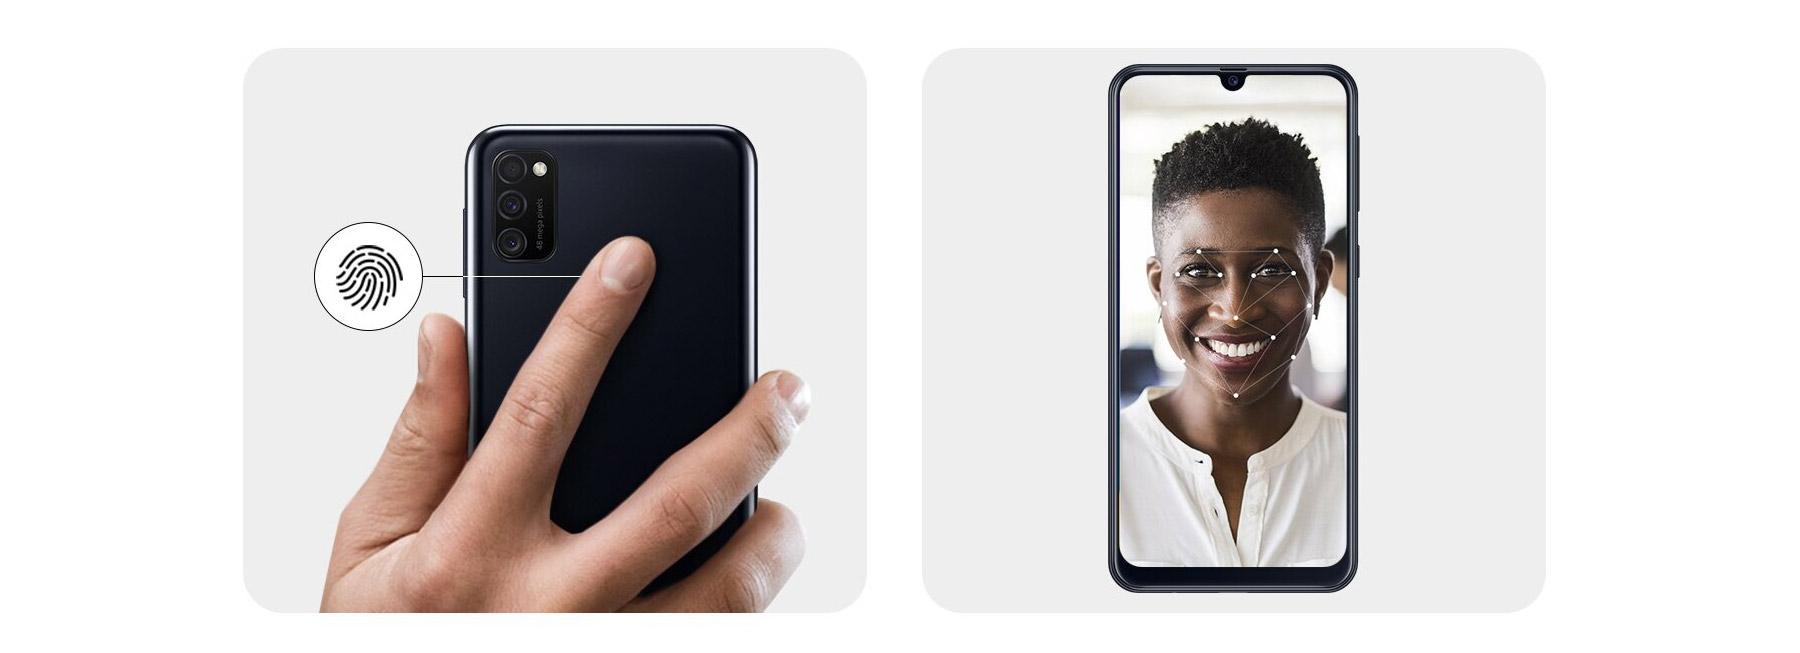 دسترسی سریع و ایمن به گوشی سامسونگ Galaxy M21